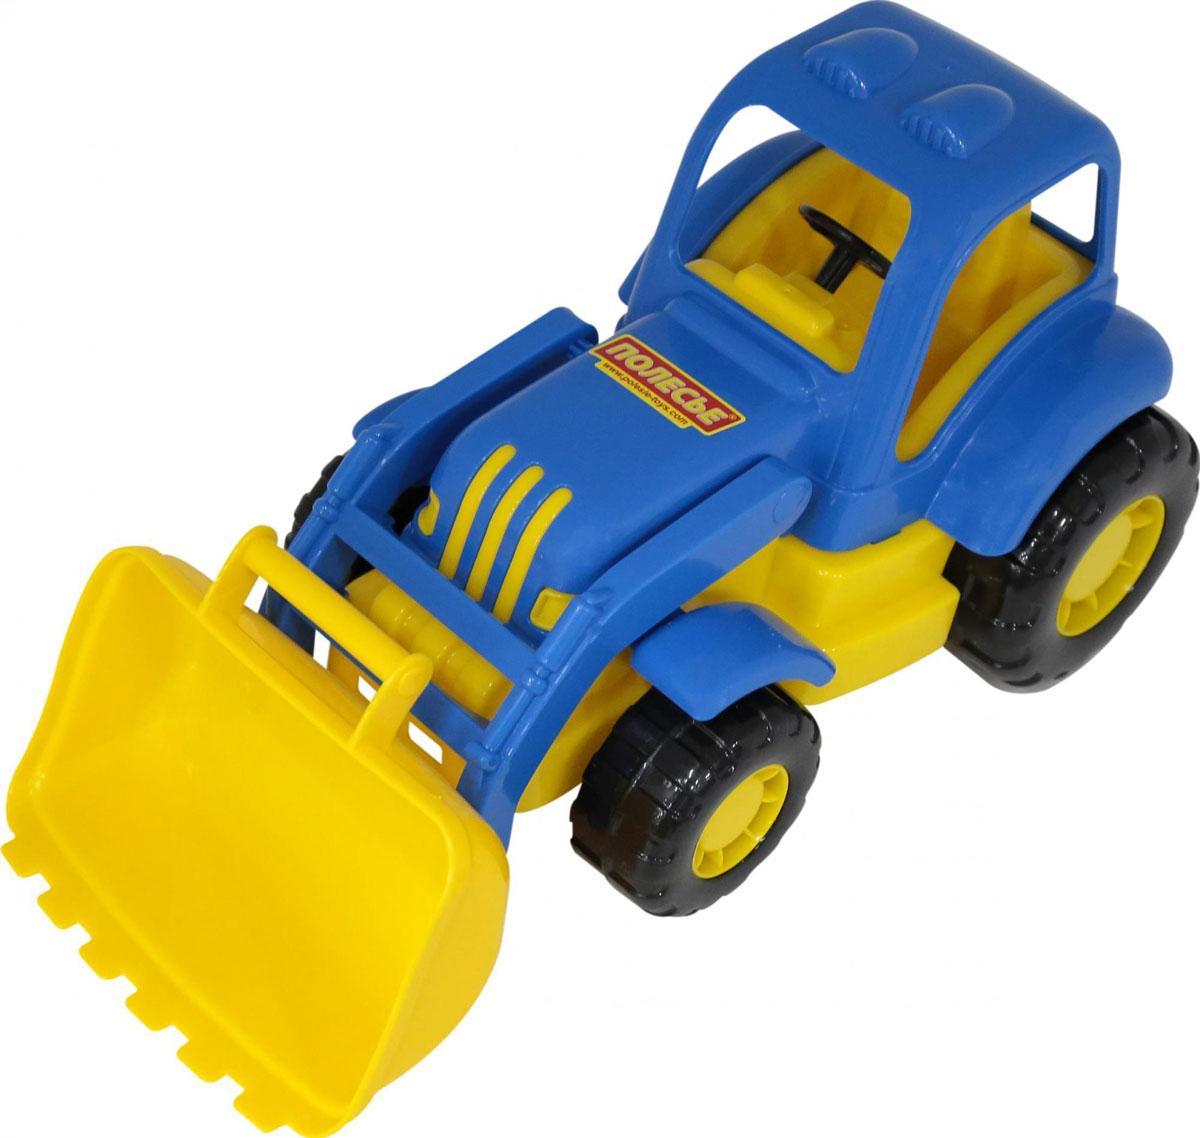 Полесье Трактор-погрузчик Силач, цвет в ассортименте трактор полесье трактор погрузчик умелец оранжевый 159238